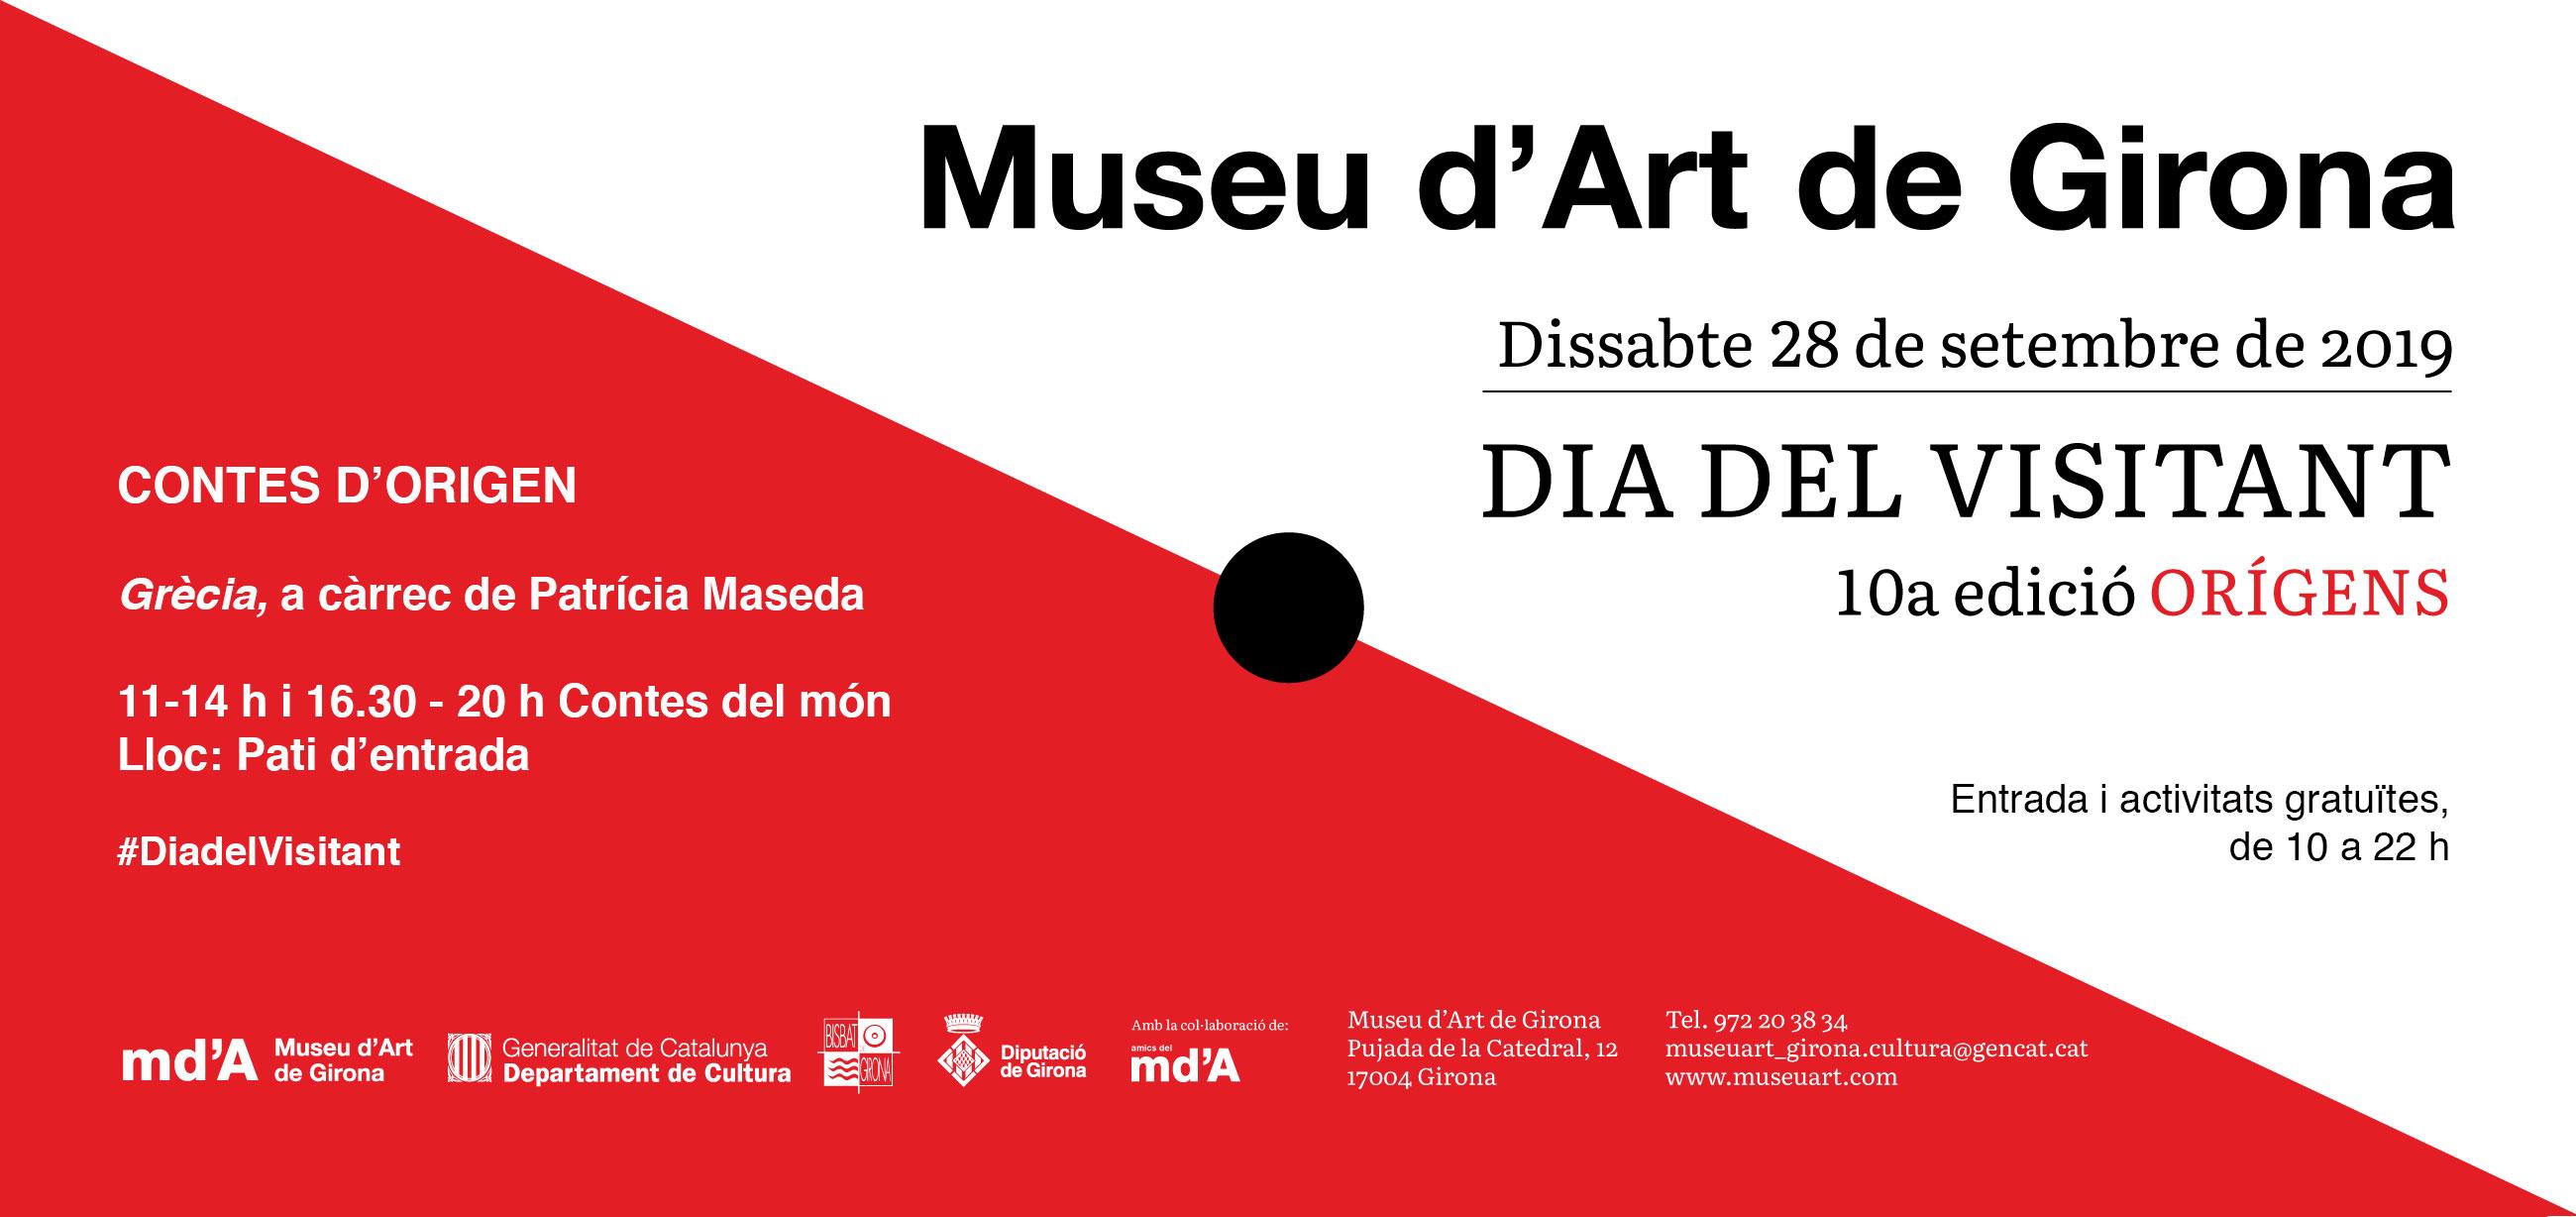 MuseuArtGirona_DiadelVisitant_invitació-Grècia